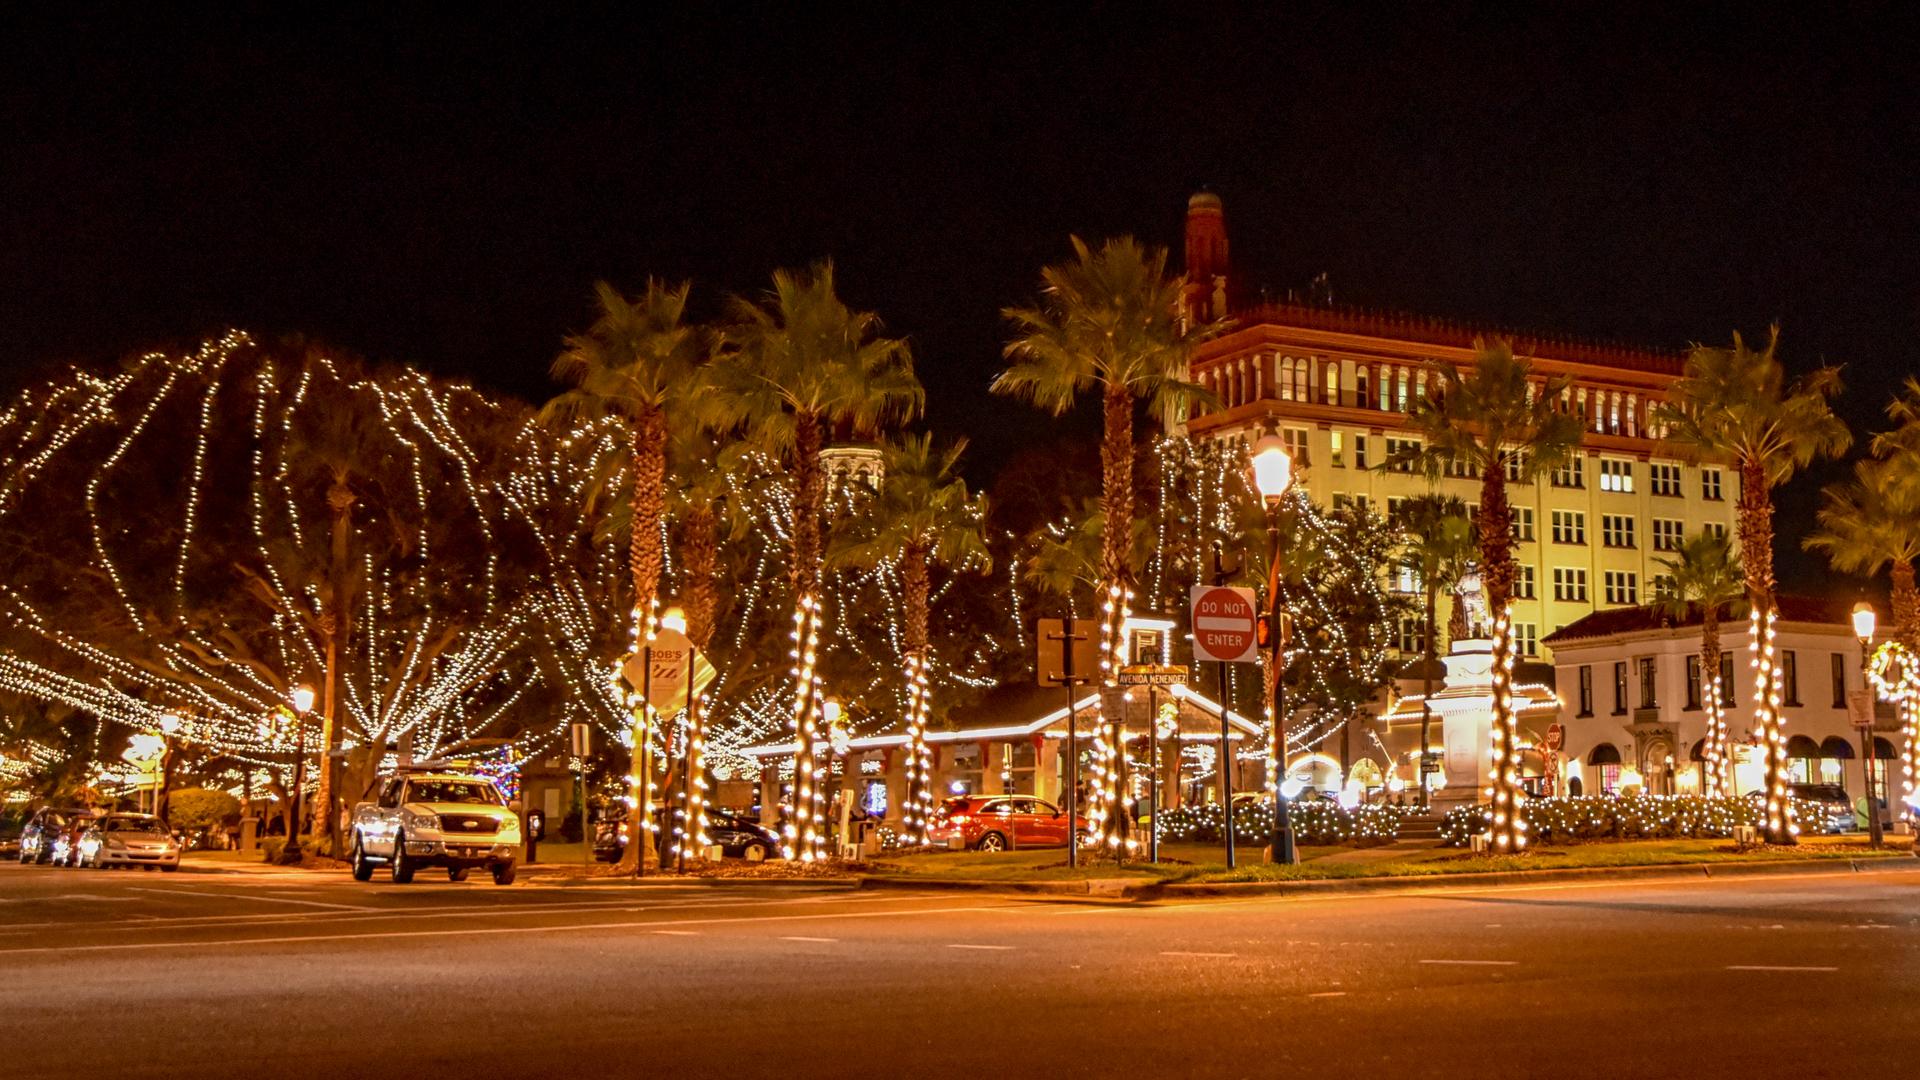 Nights of Lights Plaza